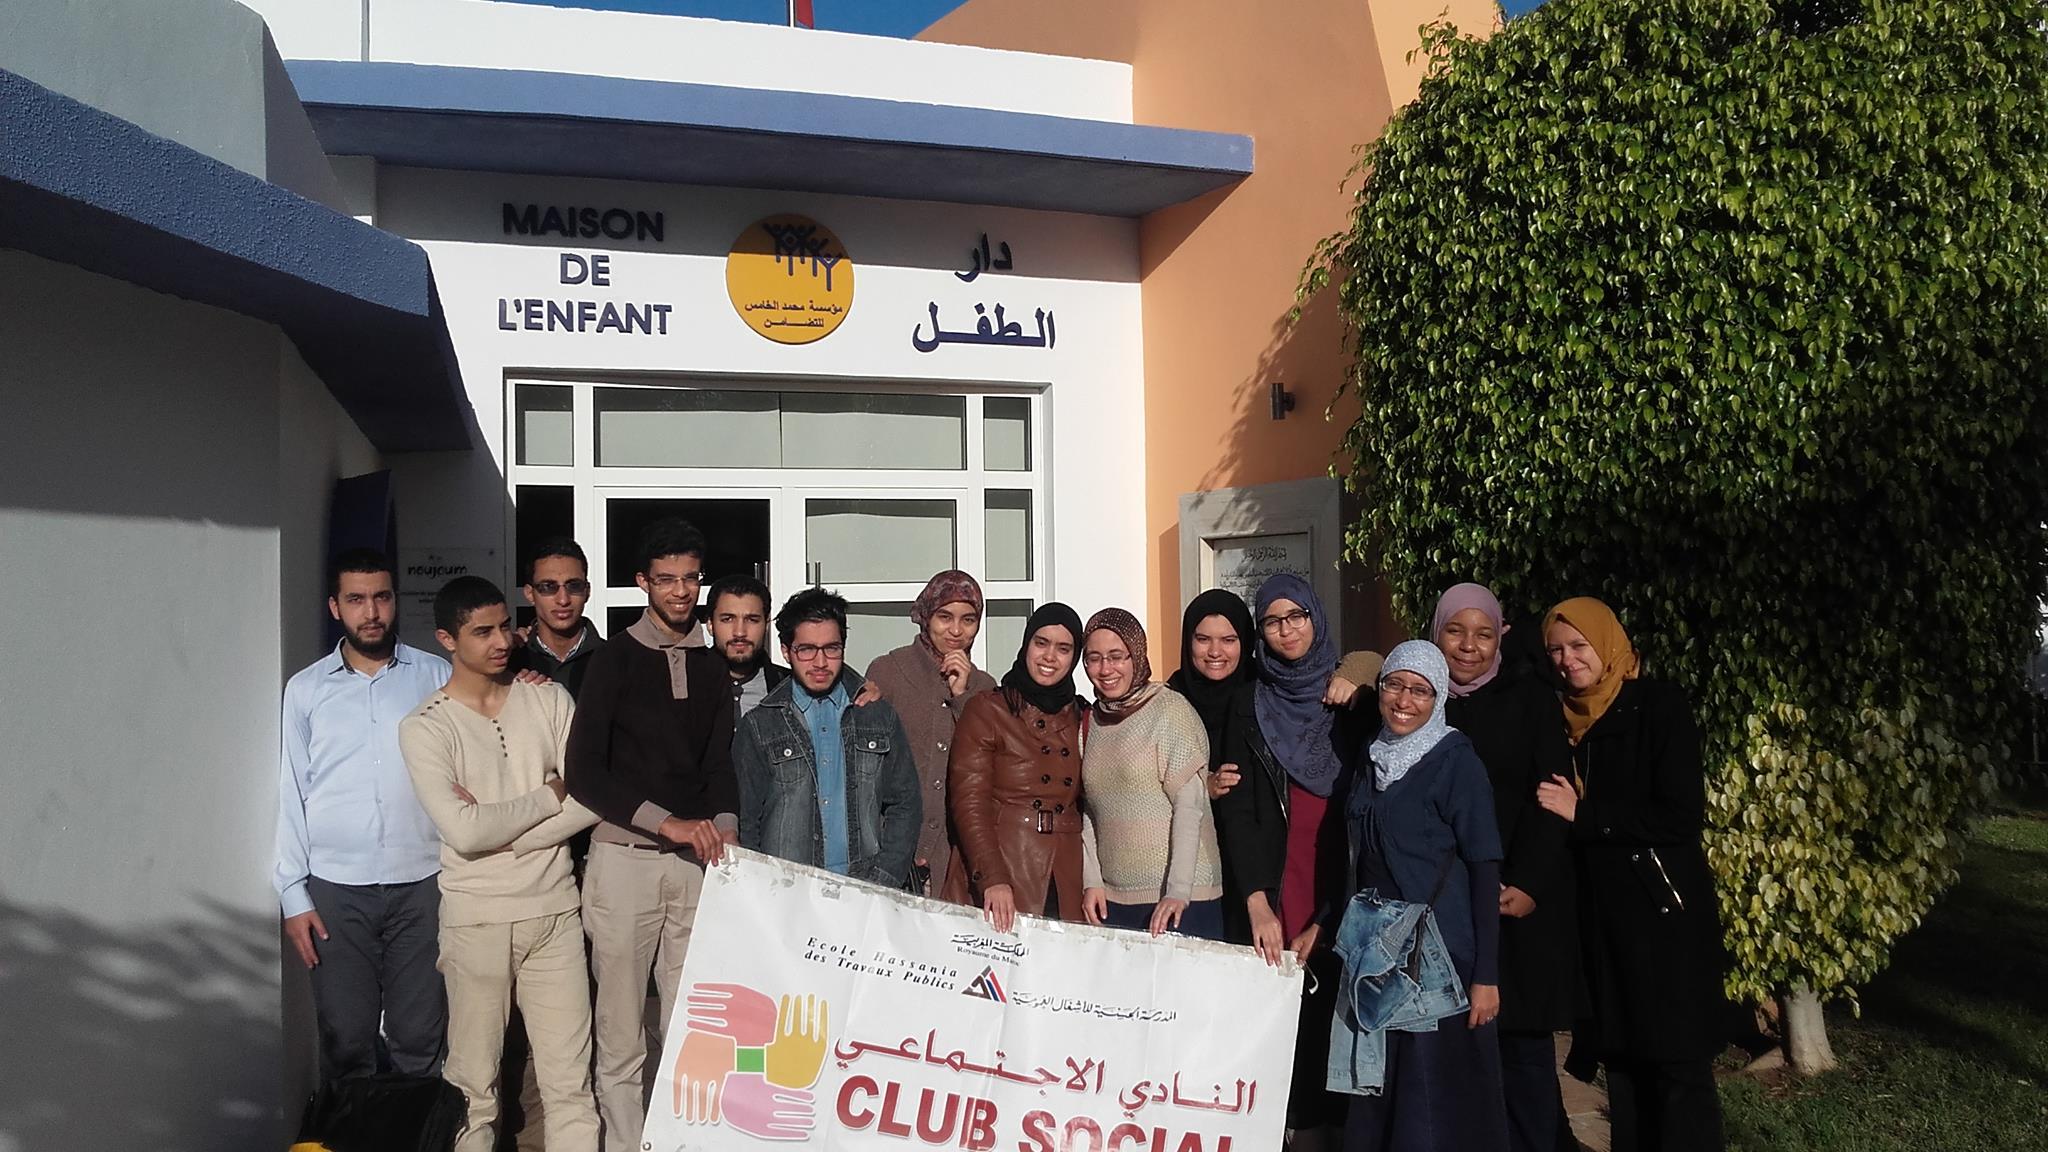 Visite maison de enfant dans le cadre du projet AWASSER - Club Social 2015-2016